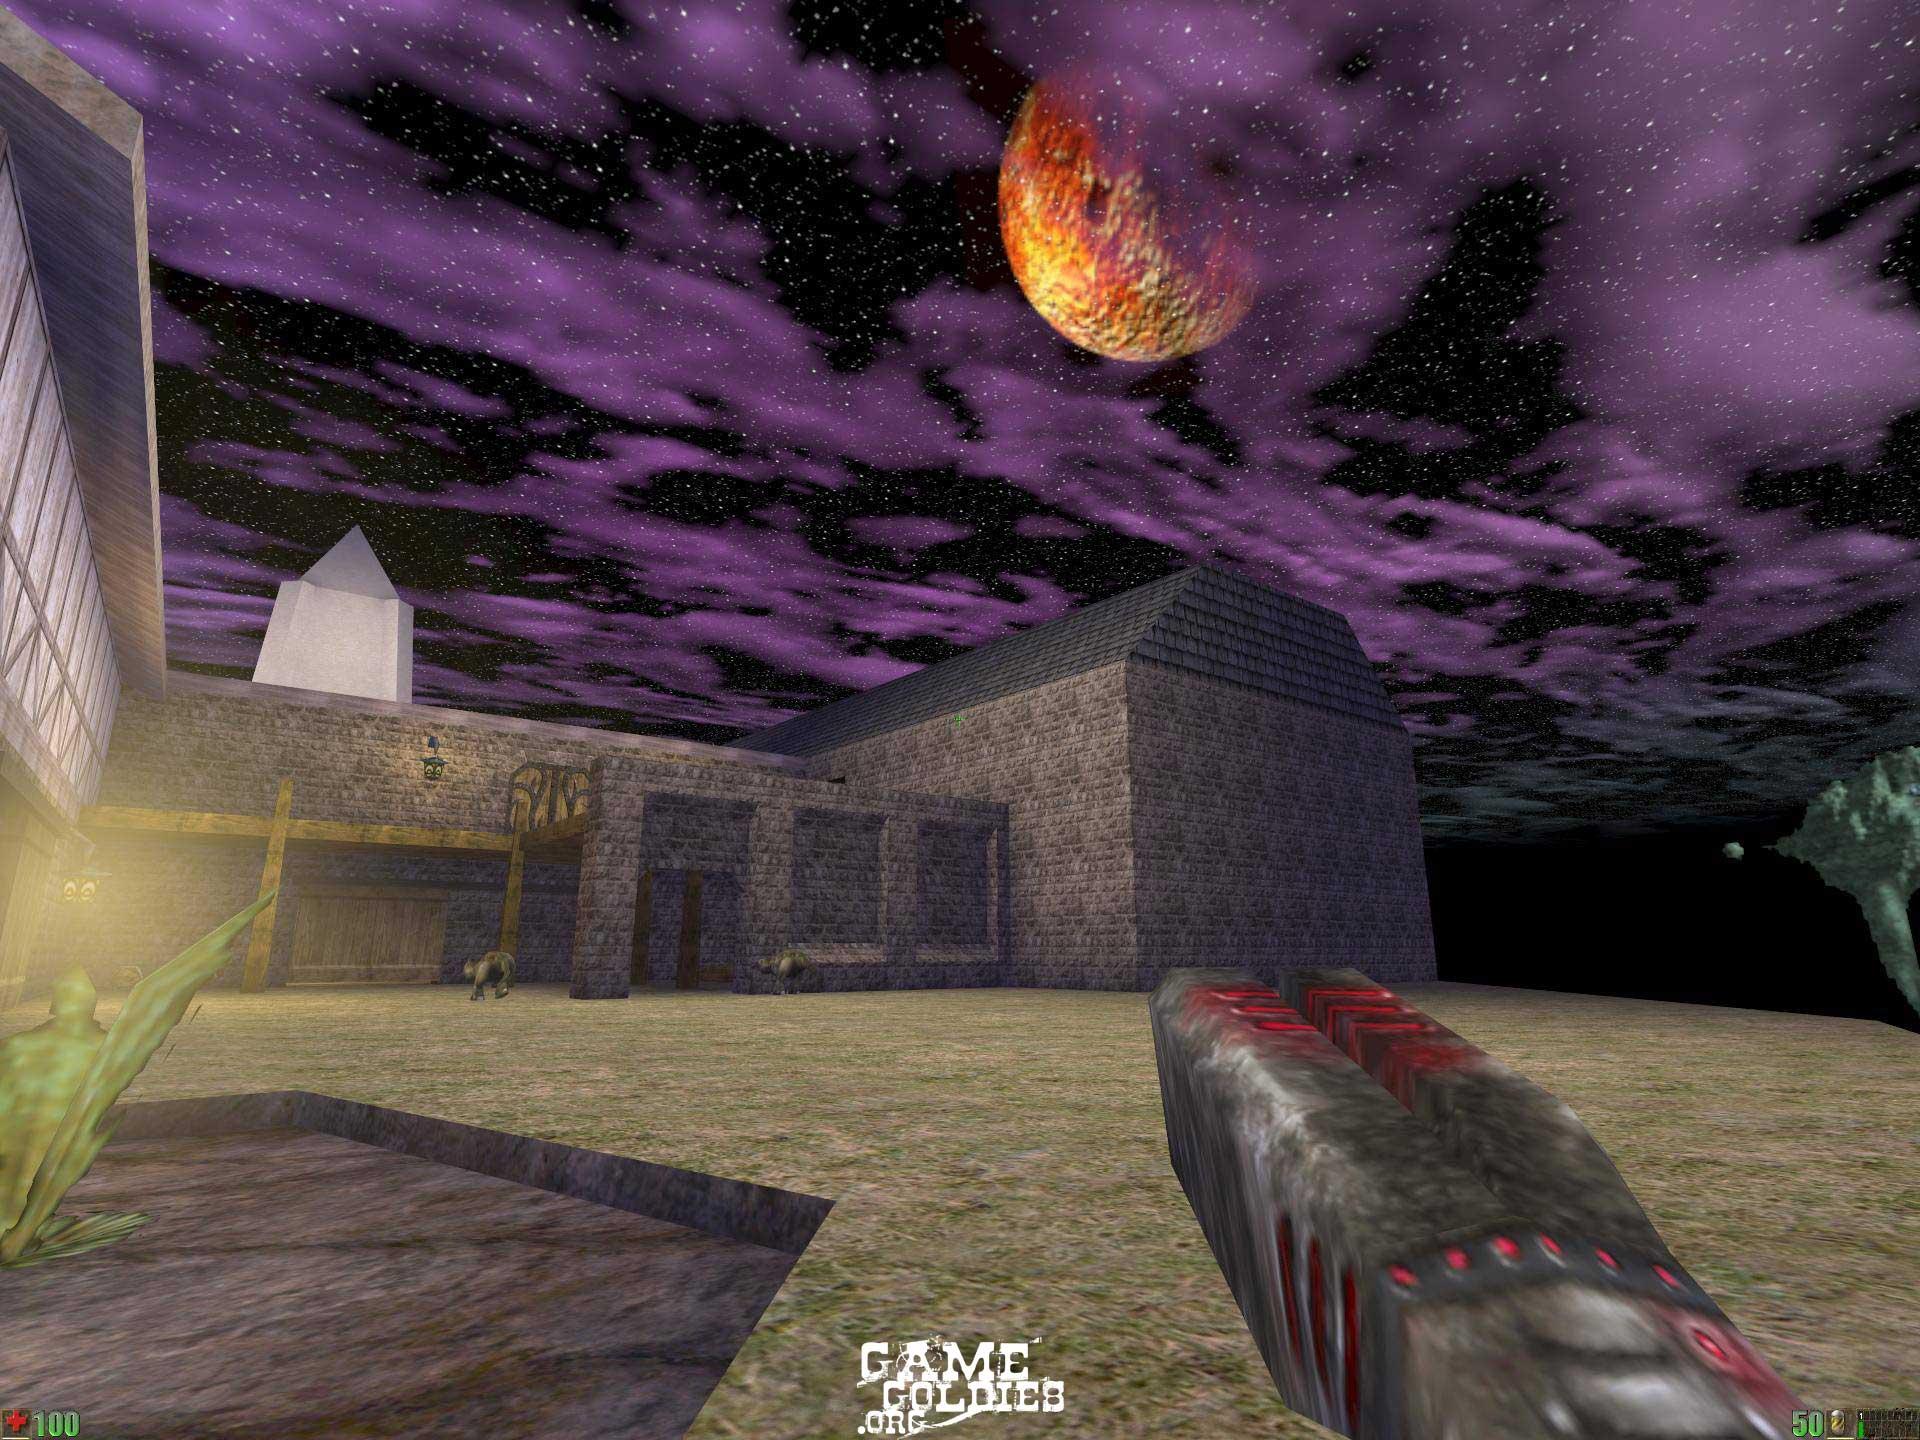 1998 год в компьютерных играх - Изображение 9